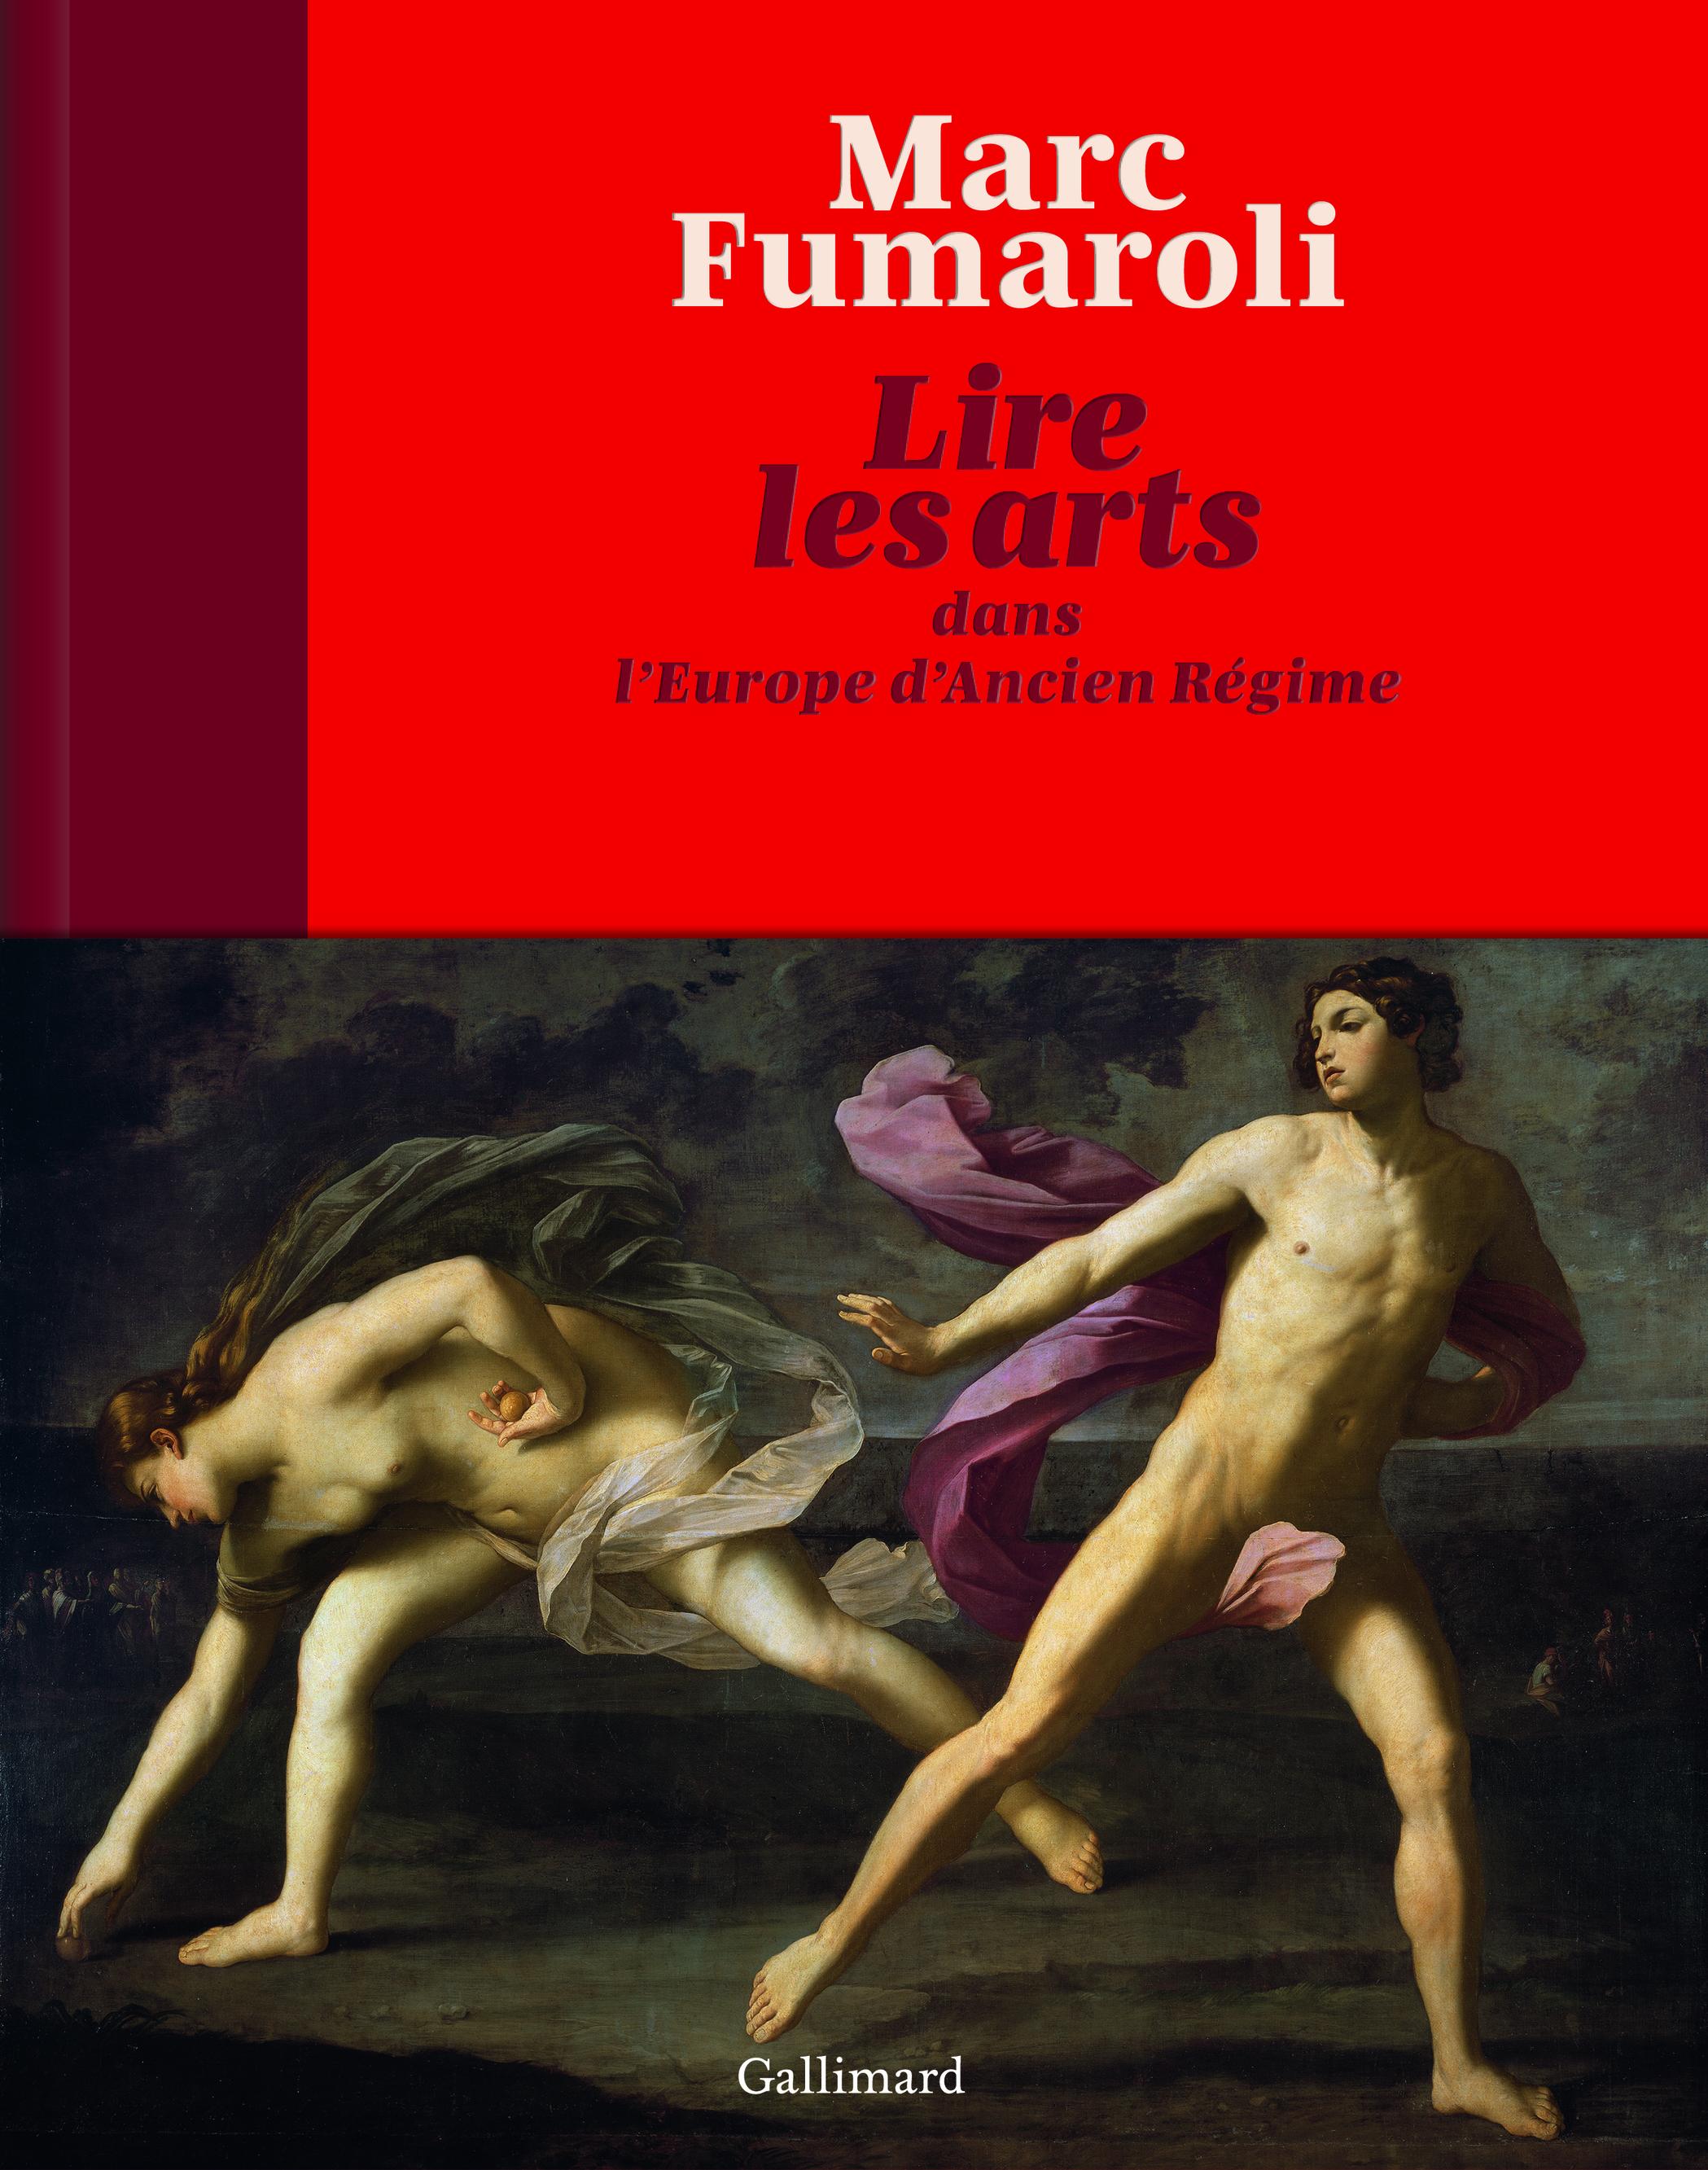 M. Fumaroli, Lire les arts dans l'Europe d'Ancien Régime